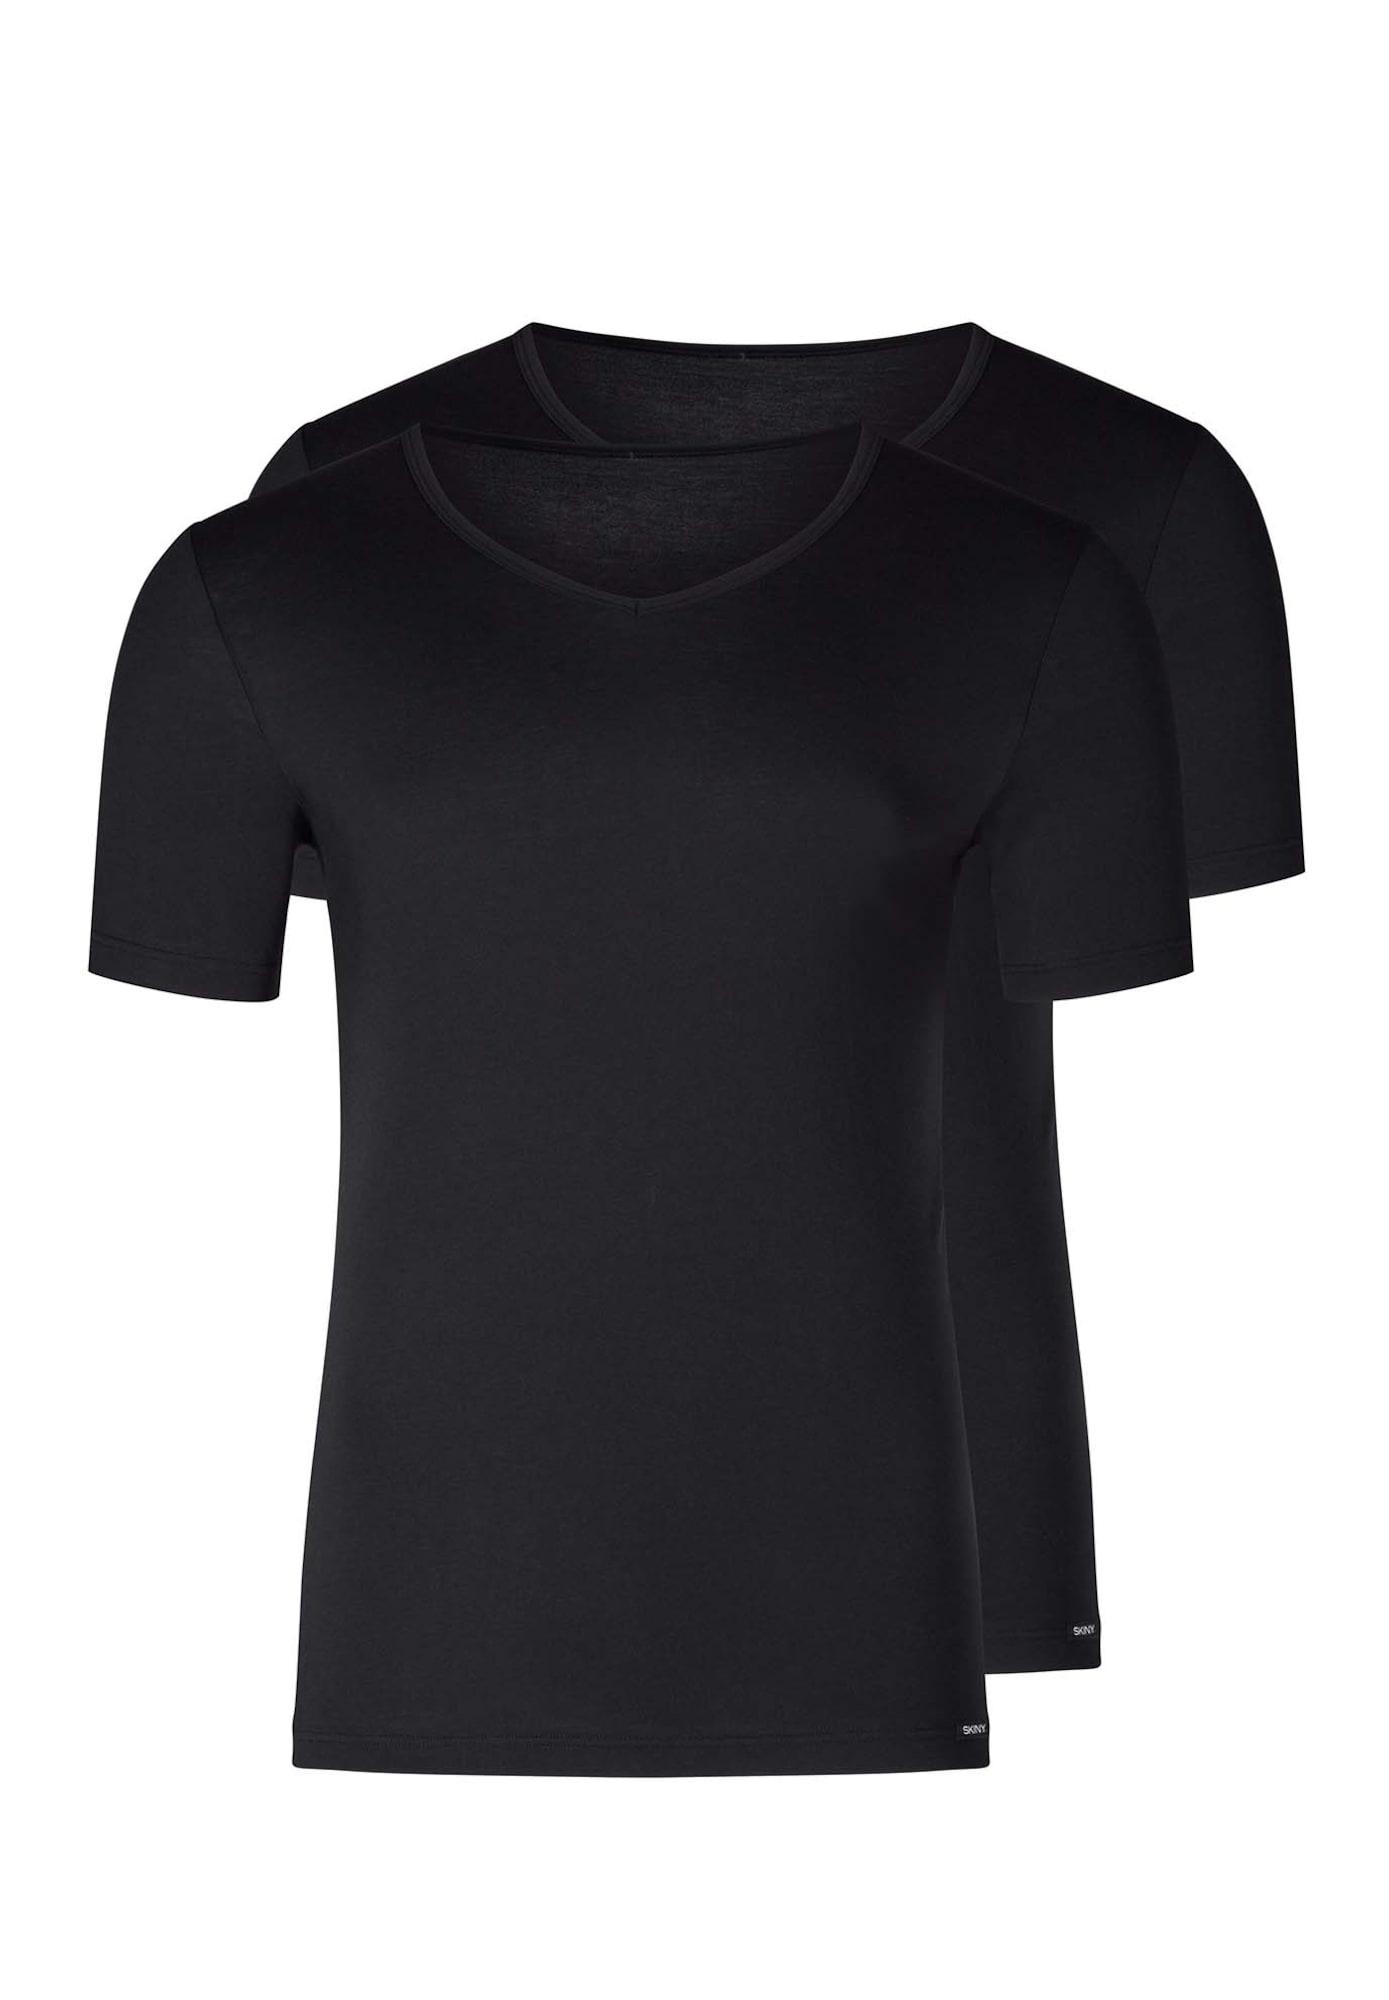 Skiny Apatiniai marškinėliai juoda